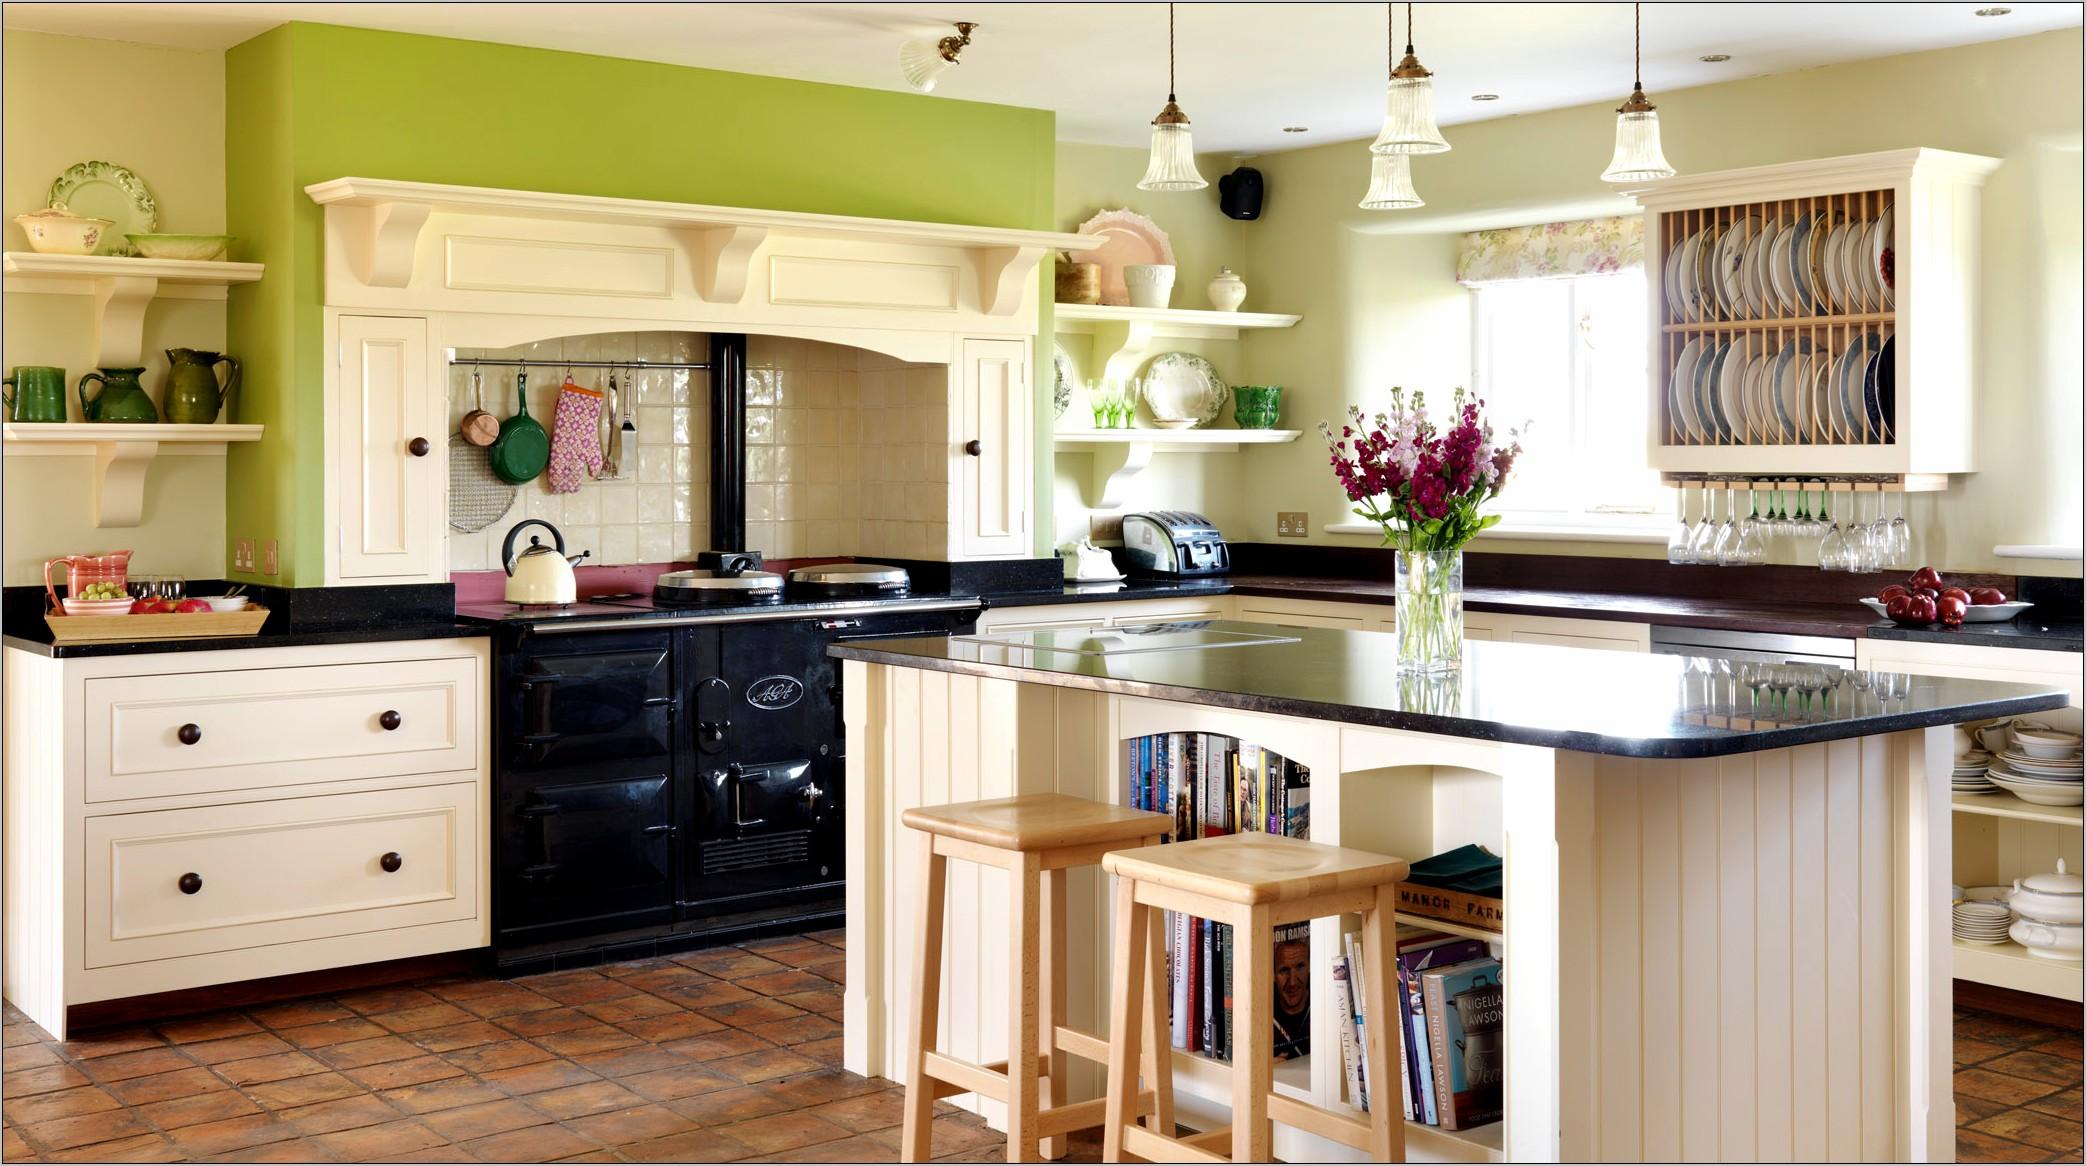 Pictures Of Farmhouse Kitchen Decor